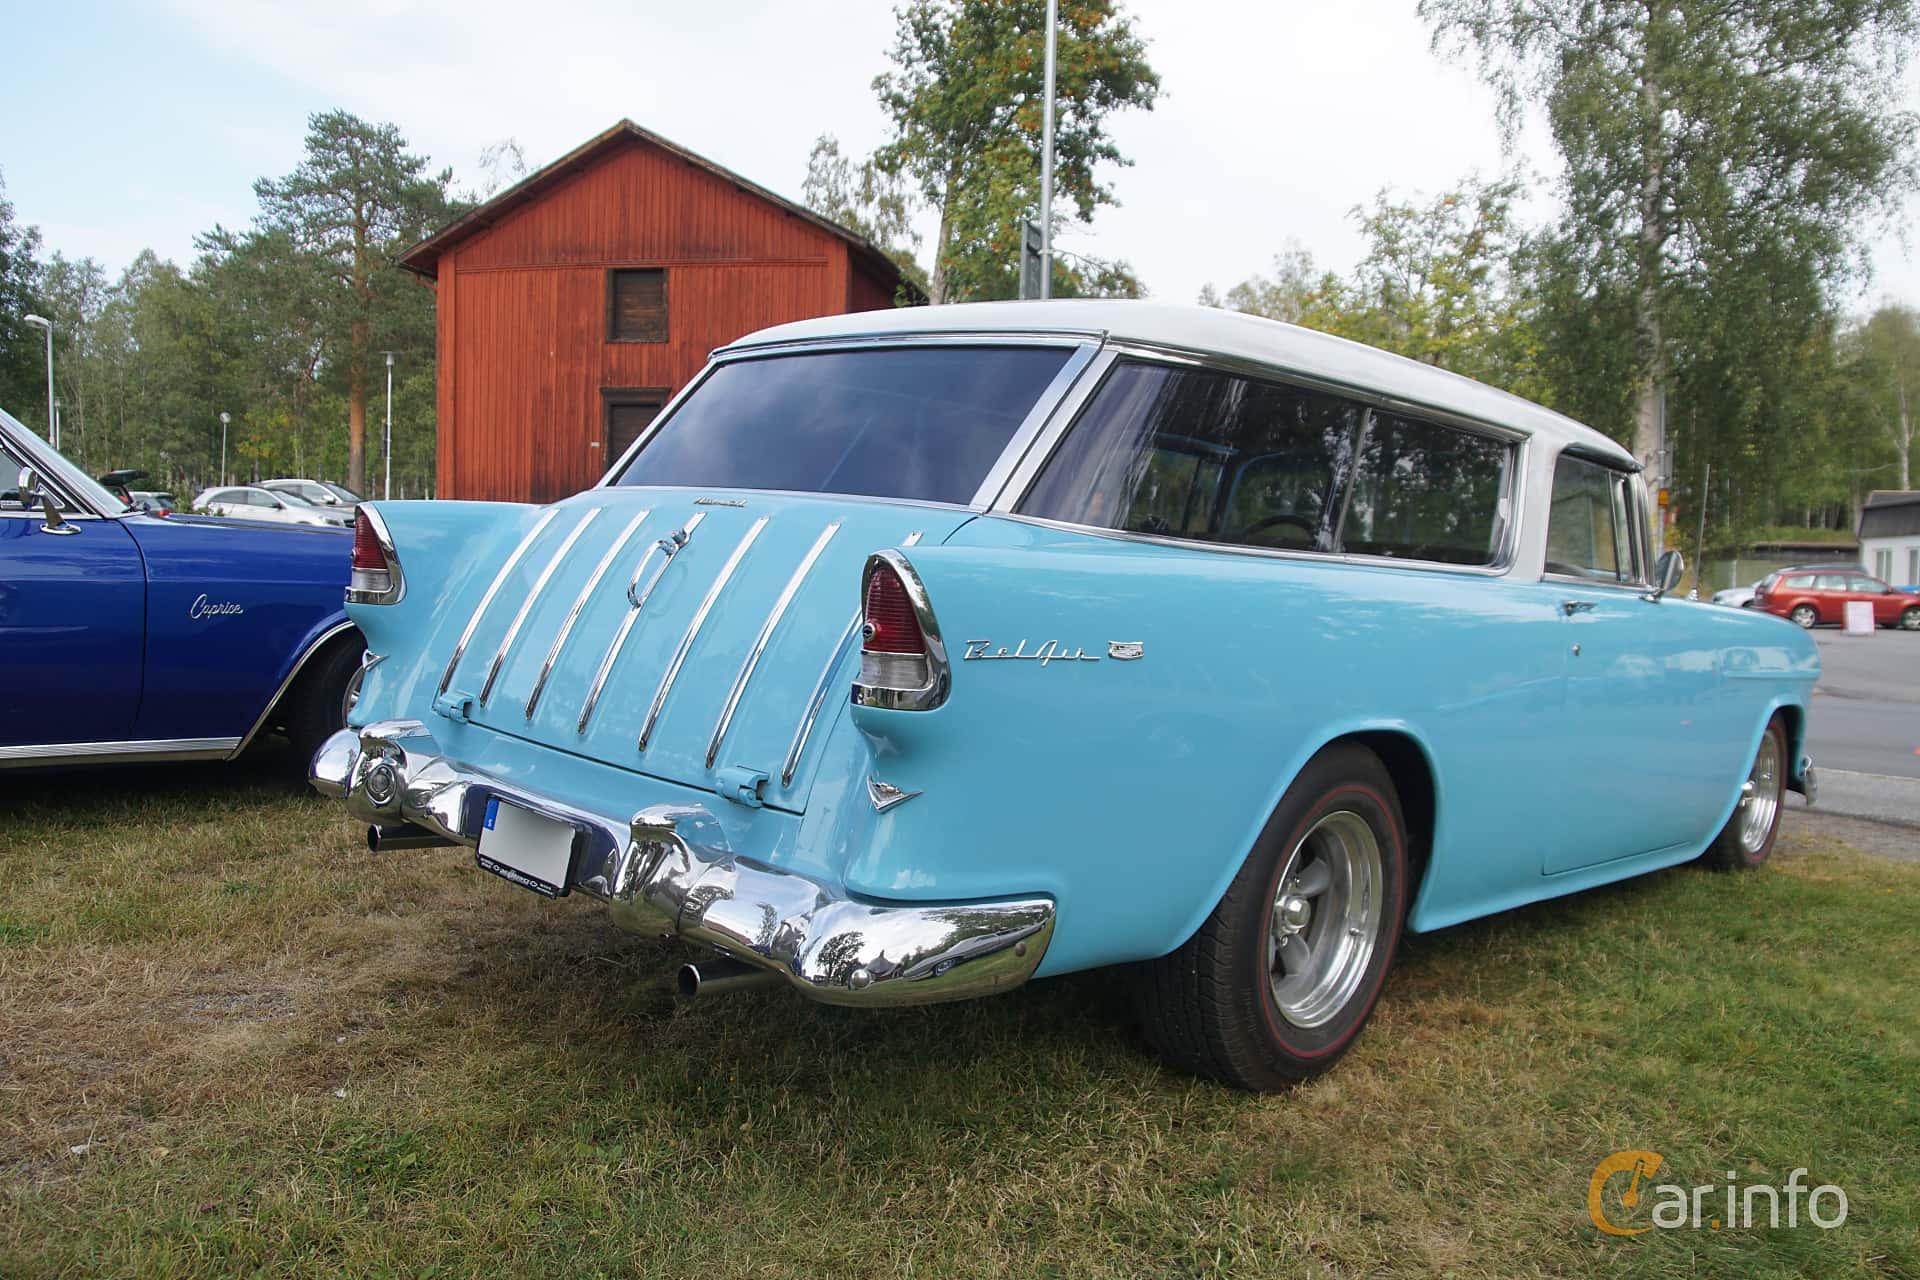 Back/Side of Chevrolet Bel Air Nomad 4.3 V8 Powerglide, 165ps, 1955 at Onsdagsträffar på Gammlia Umeå 2019 vecka 32